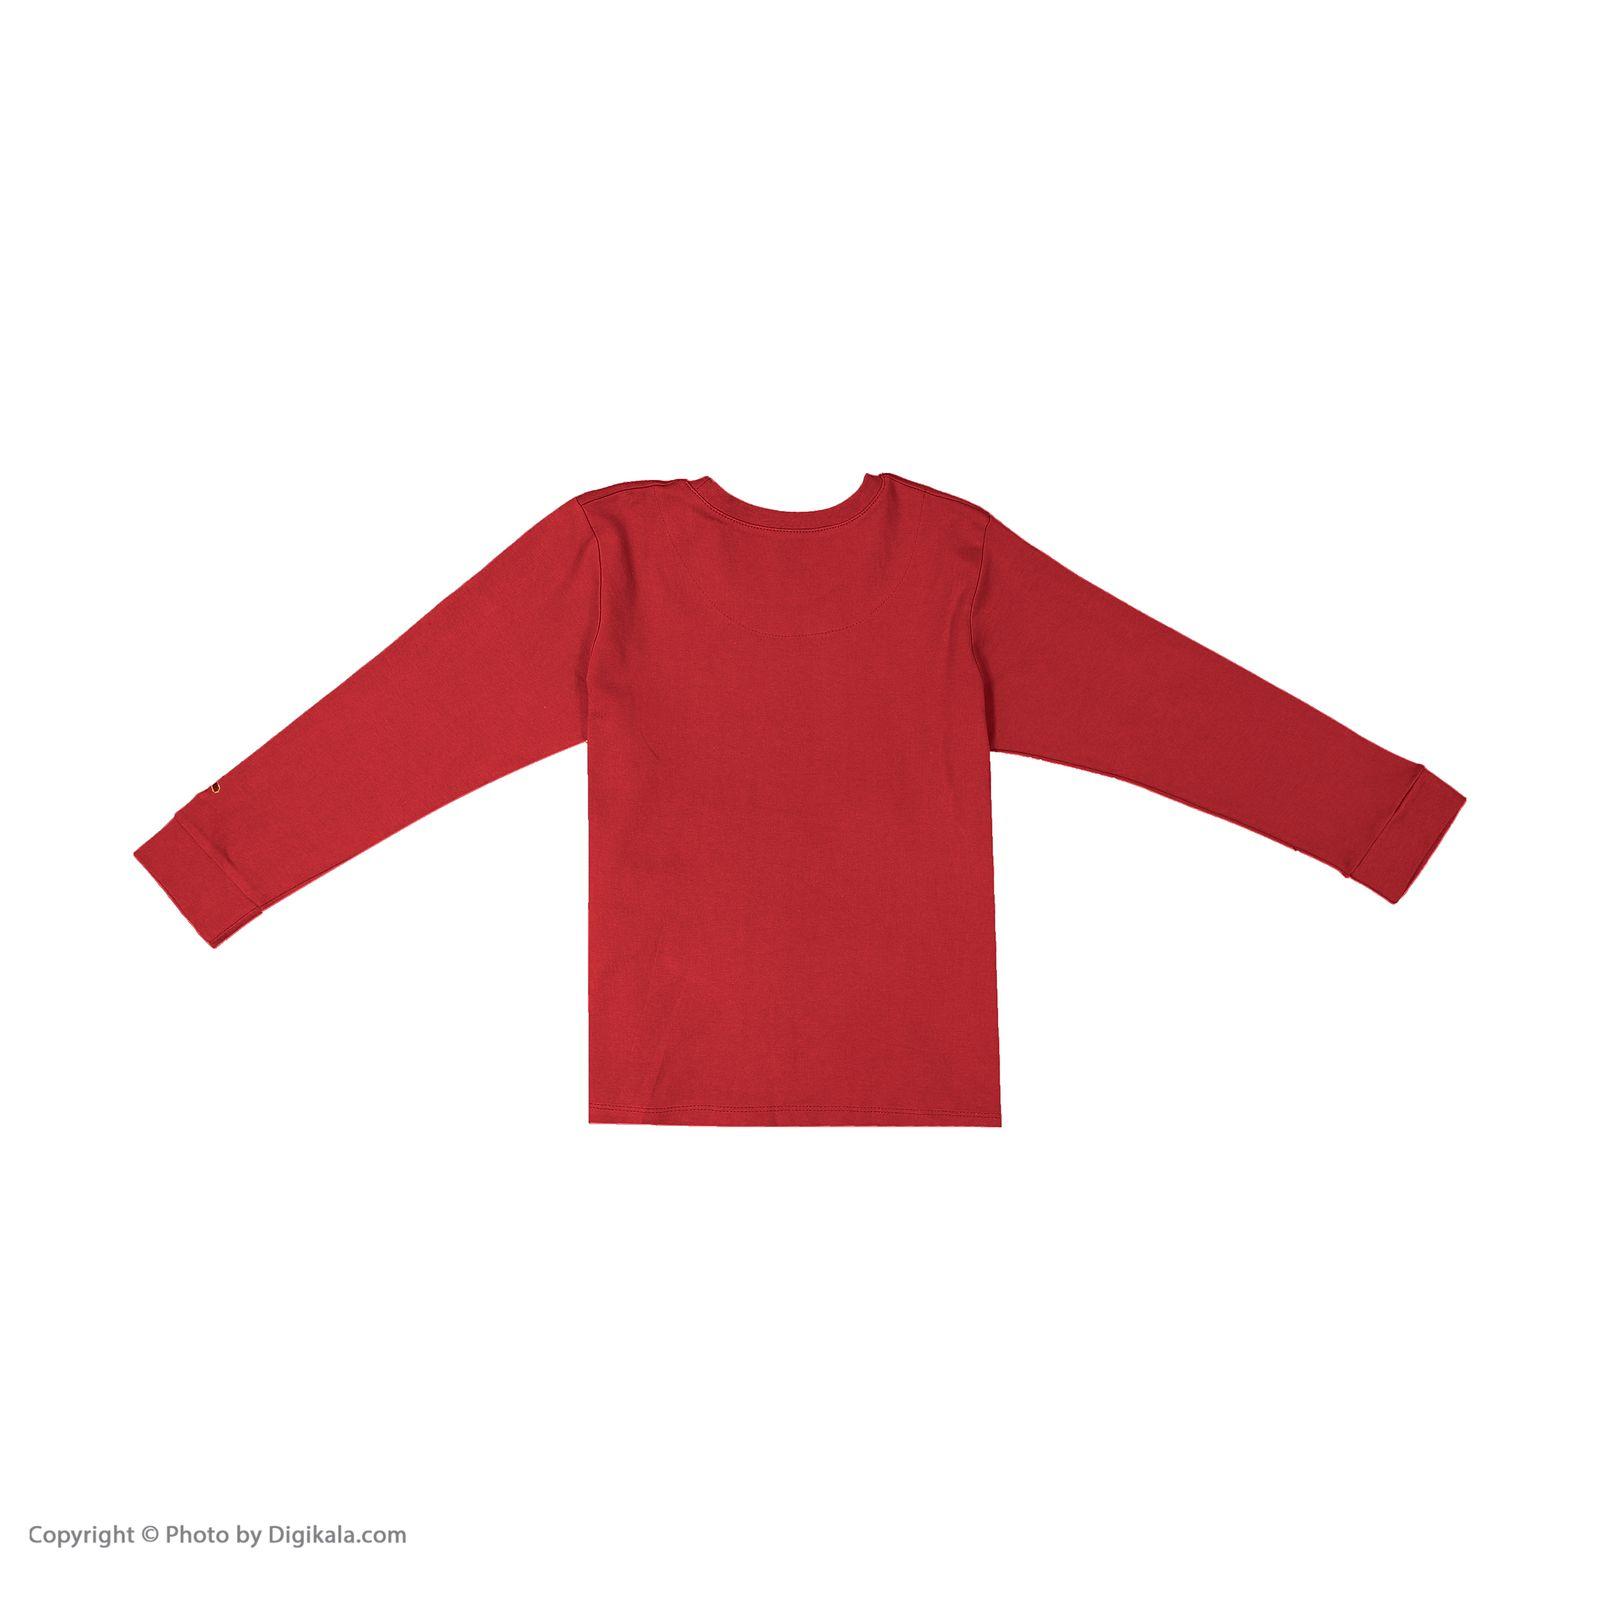 ست تی شرت و شلوار پسرانه مادر مدل 307-72 main 1 6